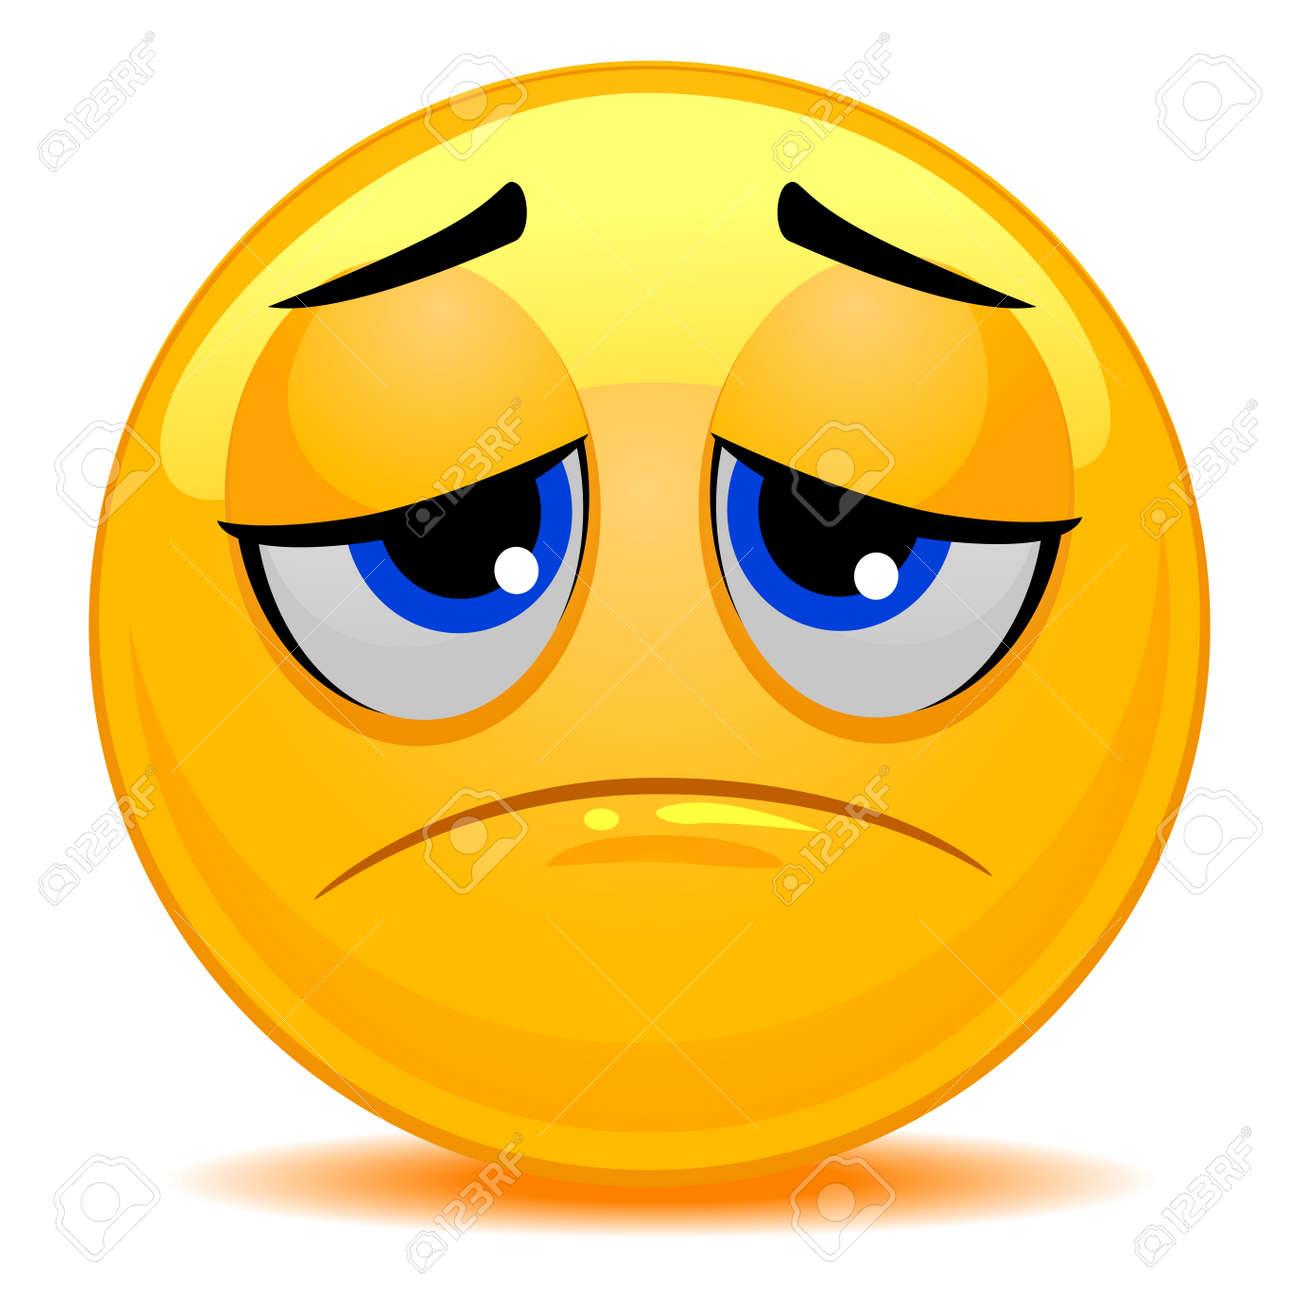 スマイリー絵文字悲しい顔のベクトル イラストのイラスト素材ベクタ